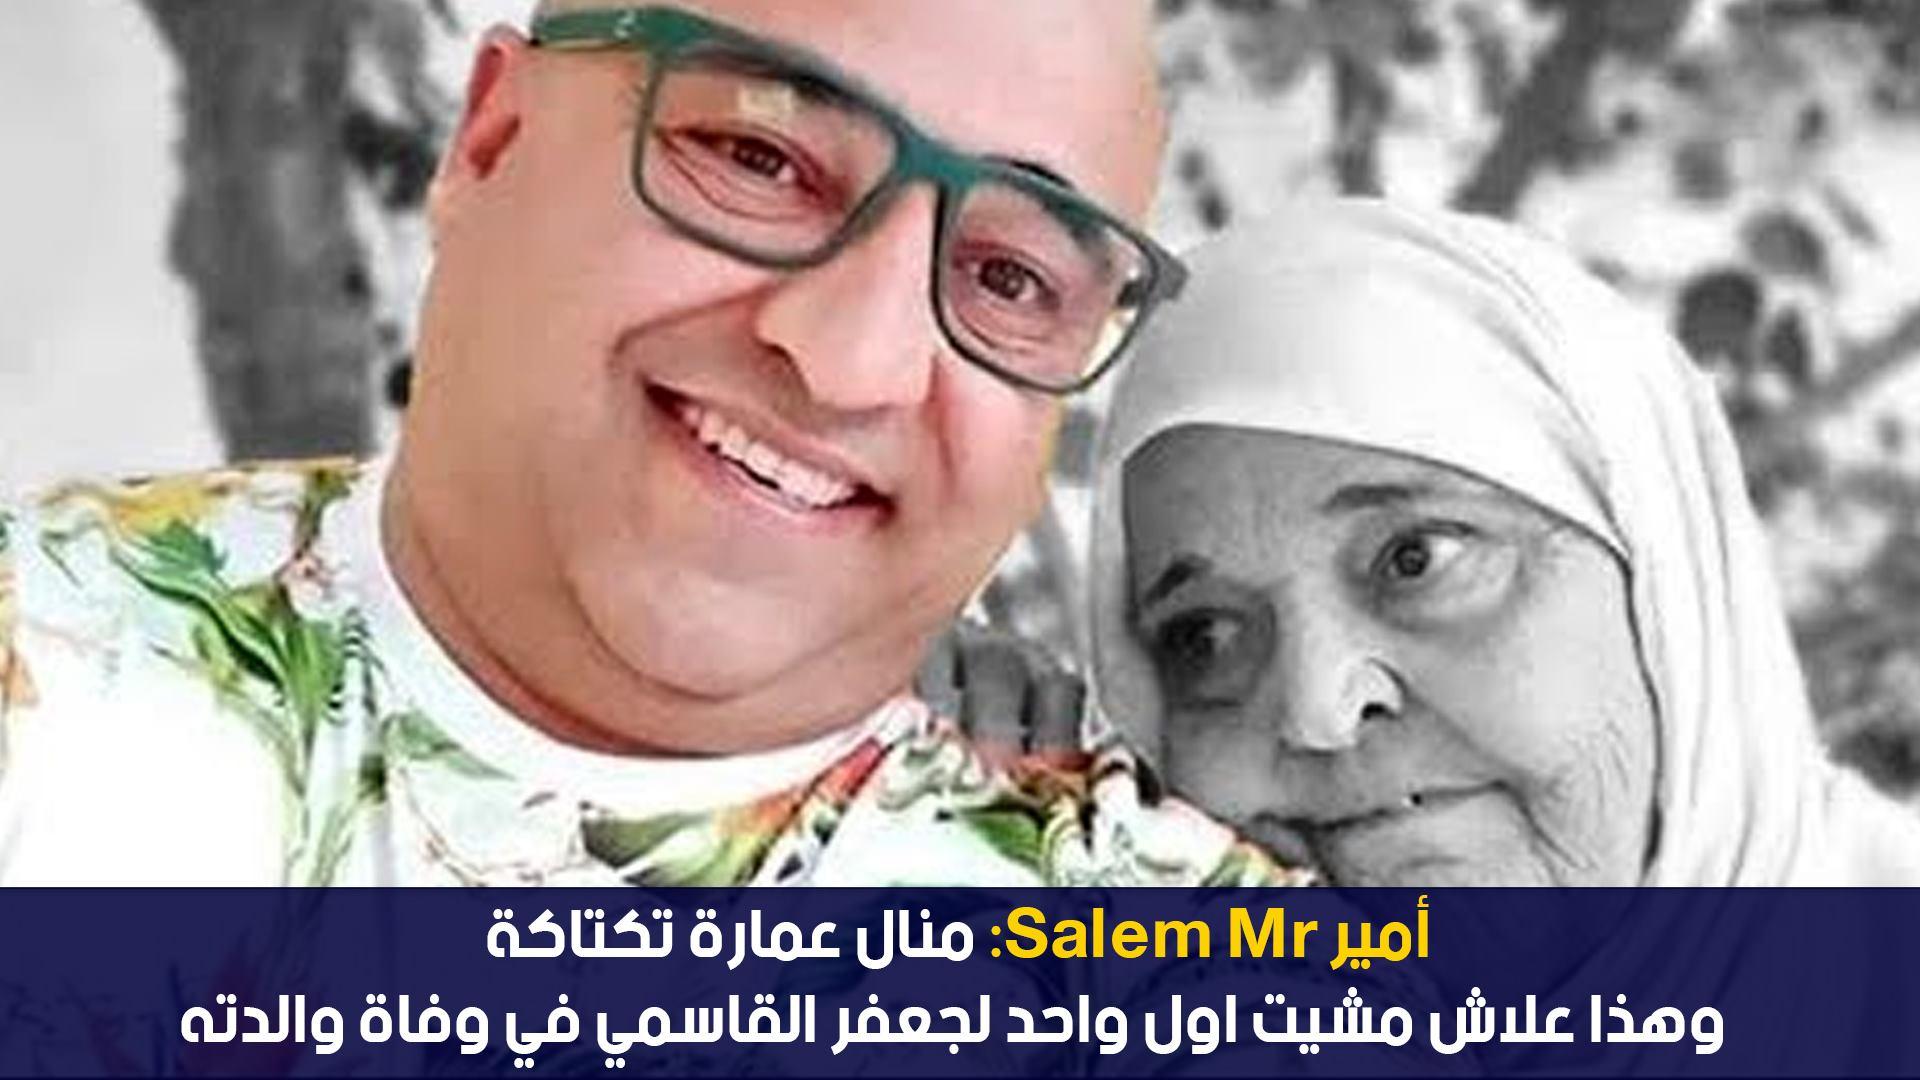 امير سلام mr : منال عمارة تكتاكة وهذا علاش مشيت اول واحد لجعفر القاسمي في وفاة والدته